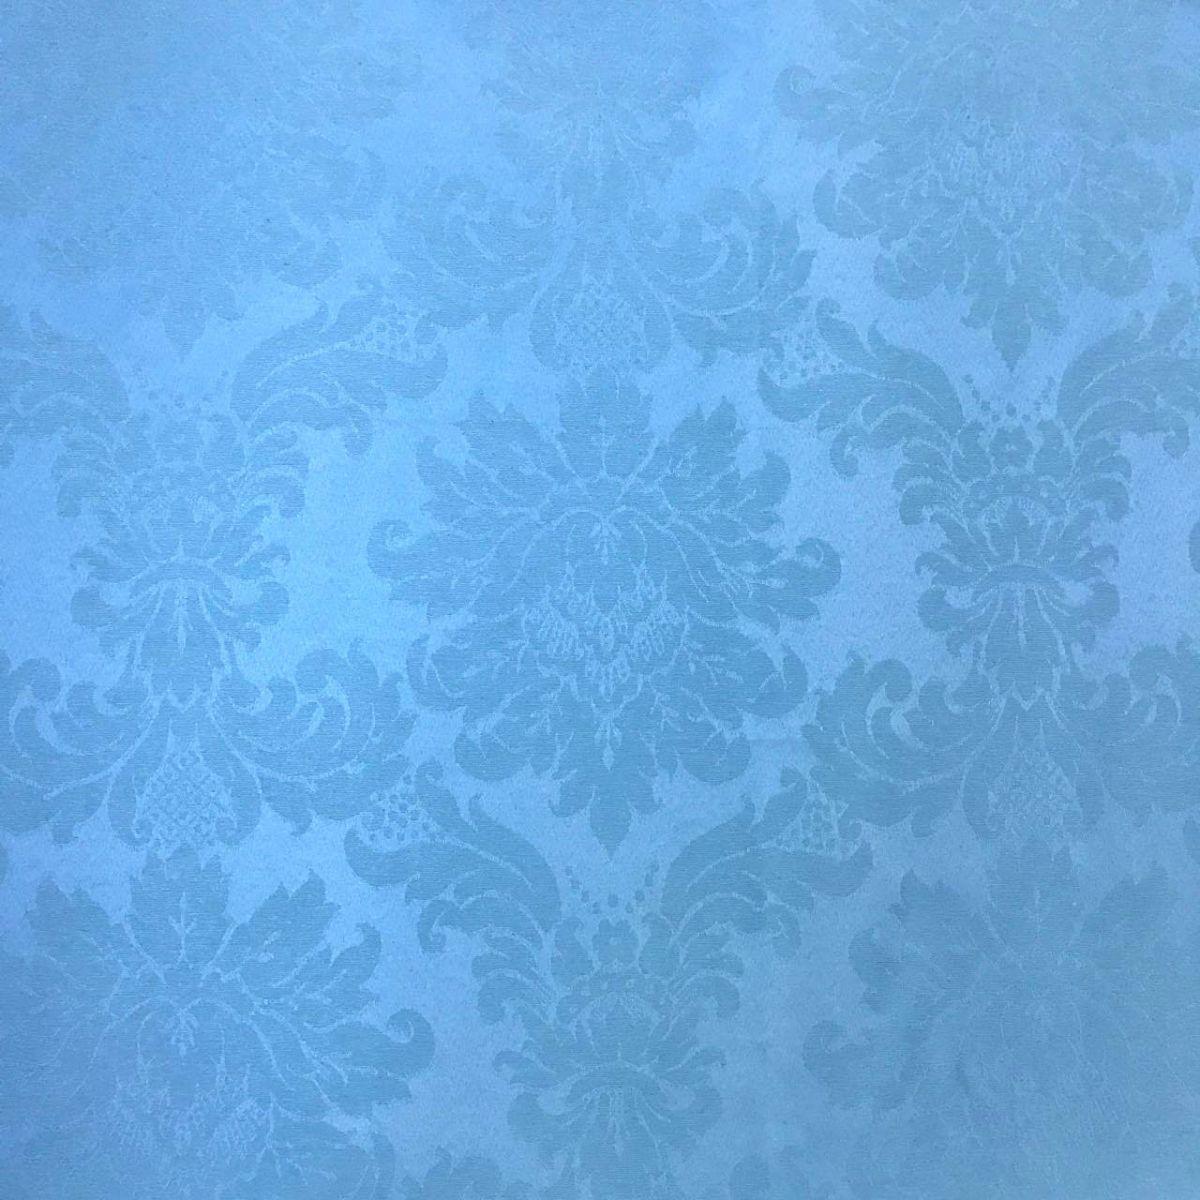 aca57a8af6557 Tecido Jacquard Azul Bebê Medalhão 2.80m de Largura